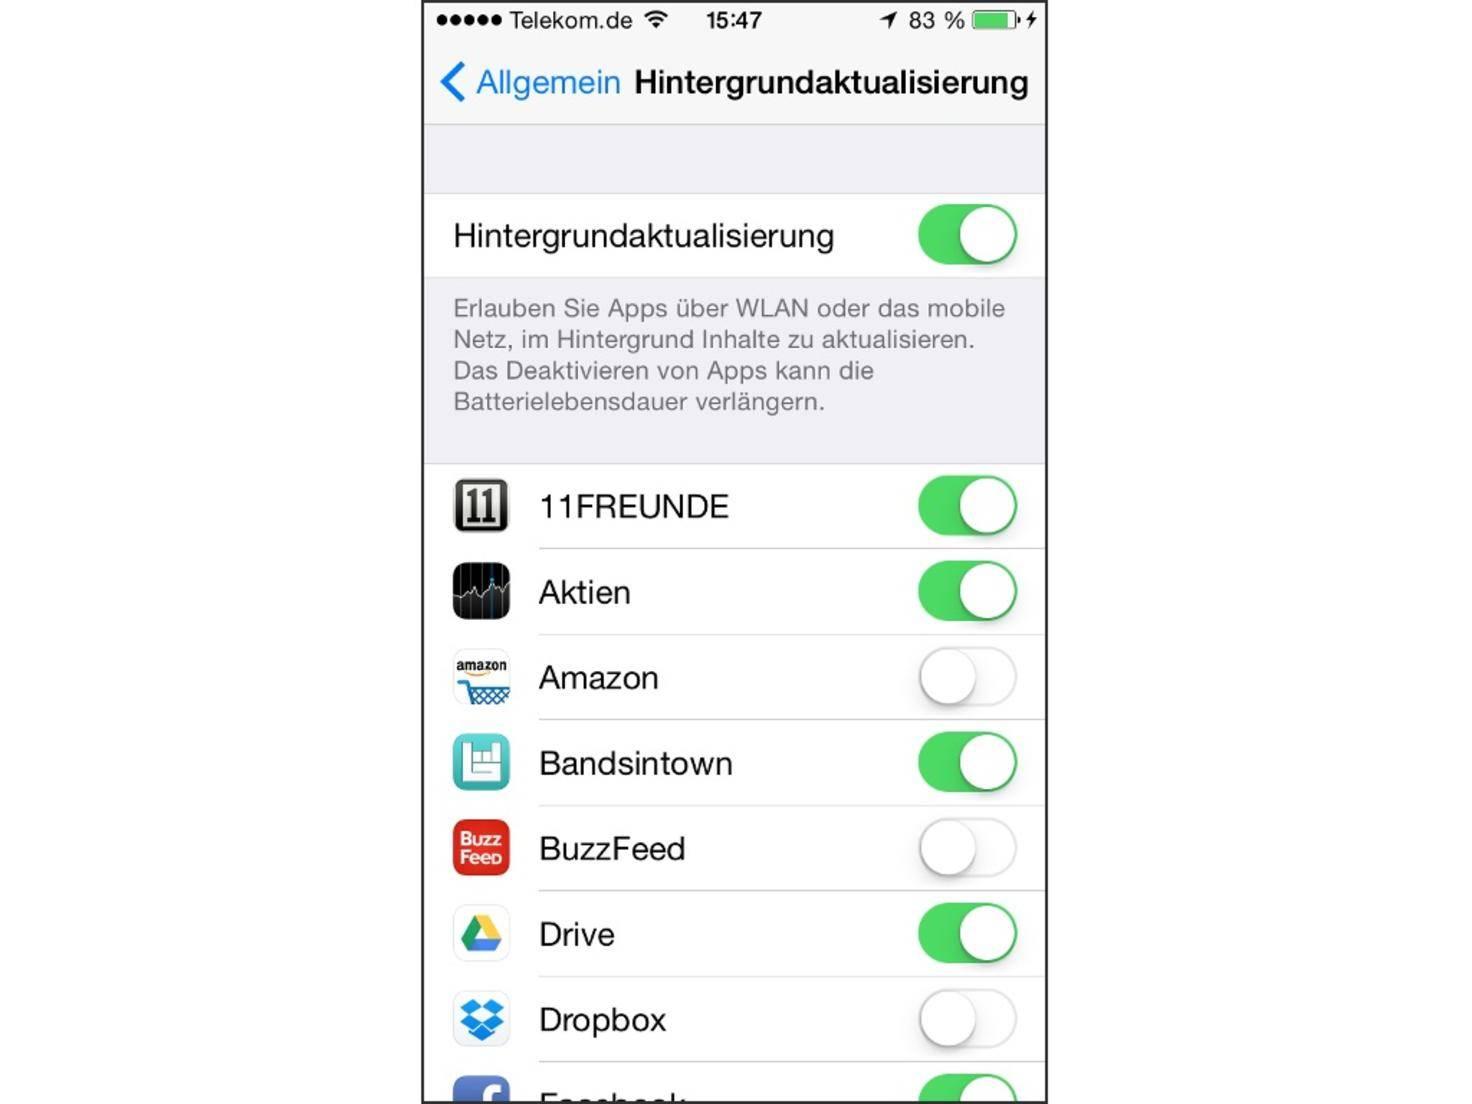 Hintergrundaktualisierungen sind auf dem iPhone wahre Akku-Fresser.